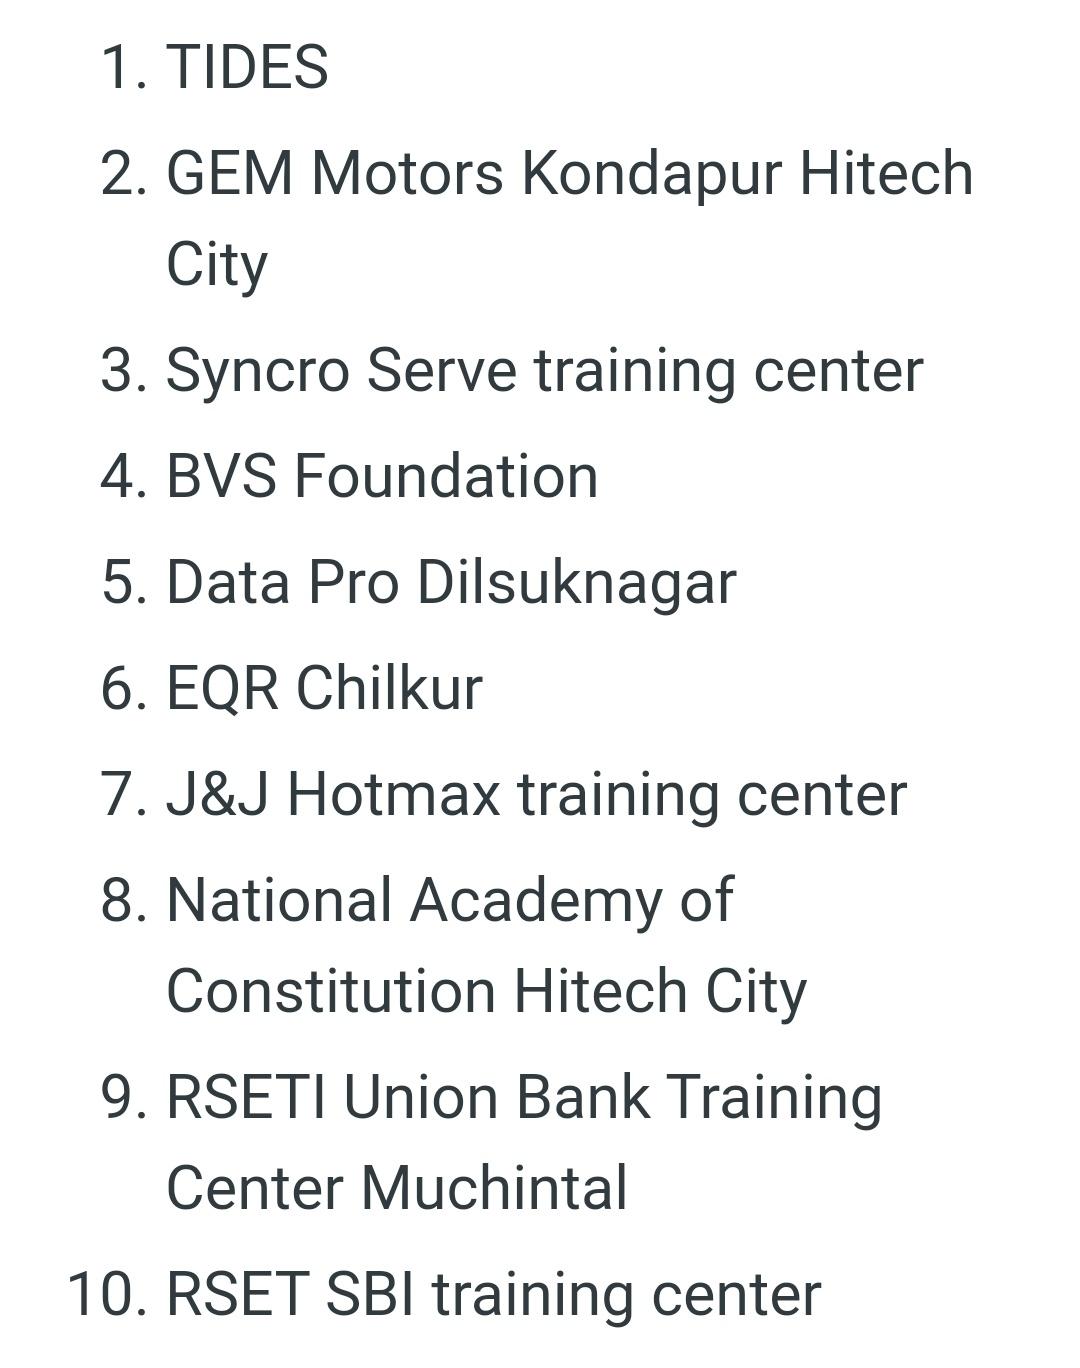 तेलंगाना में जॉब फेयर: दस कंपनियां 20 जुलाई को करेंगी इंटरव्यू! 4